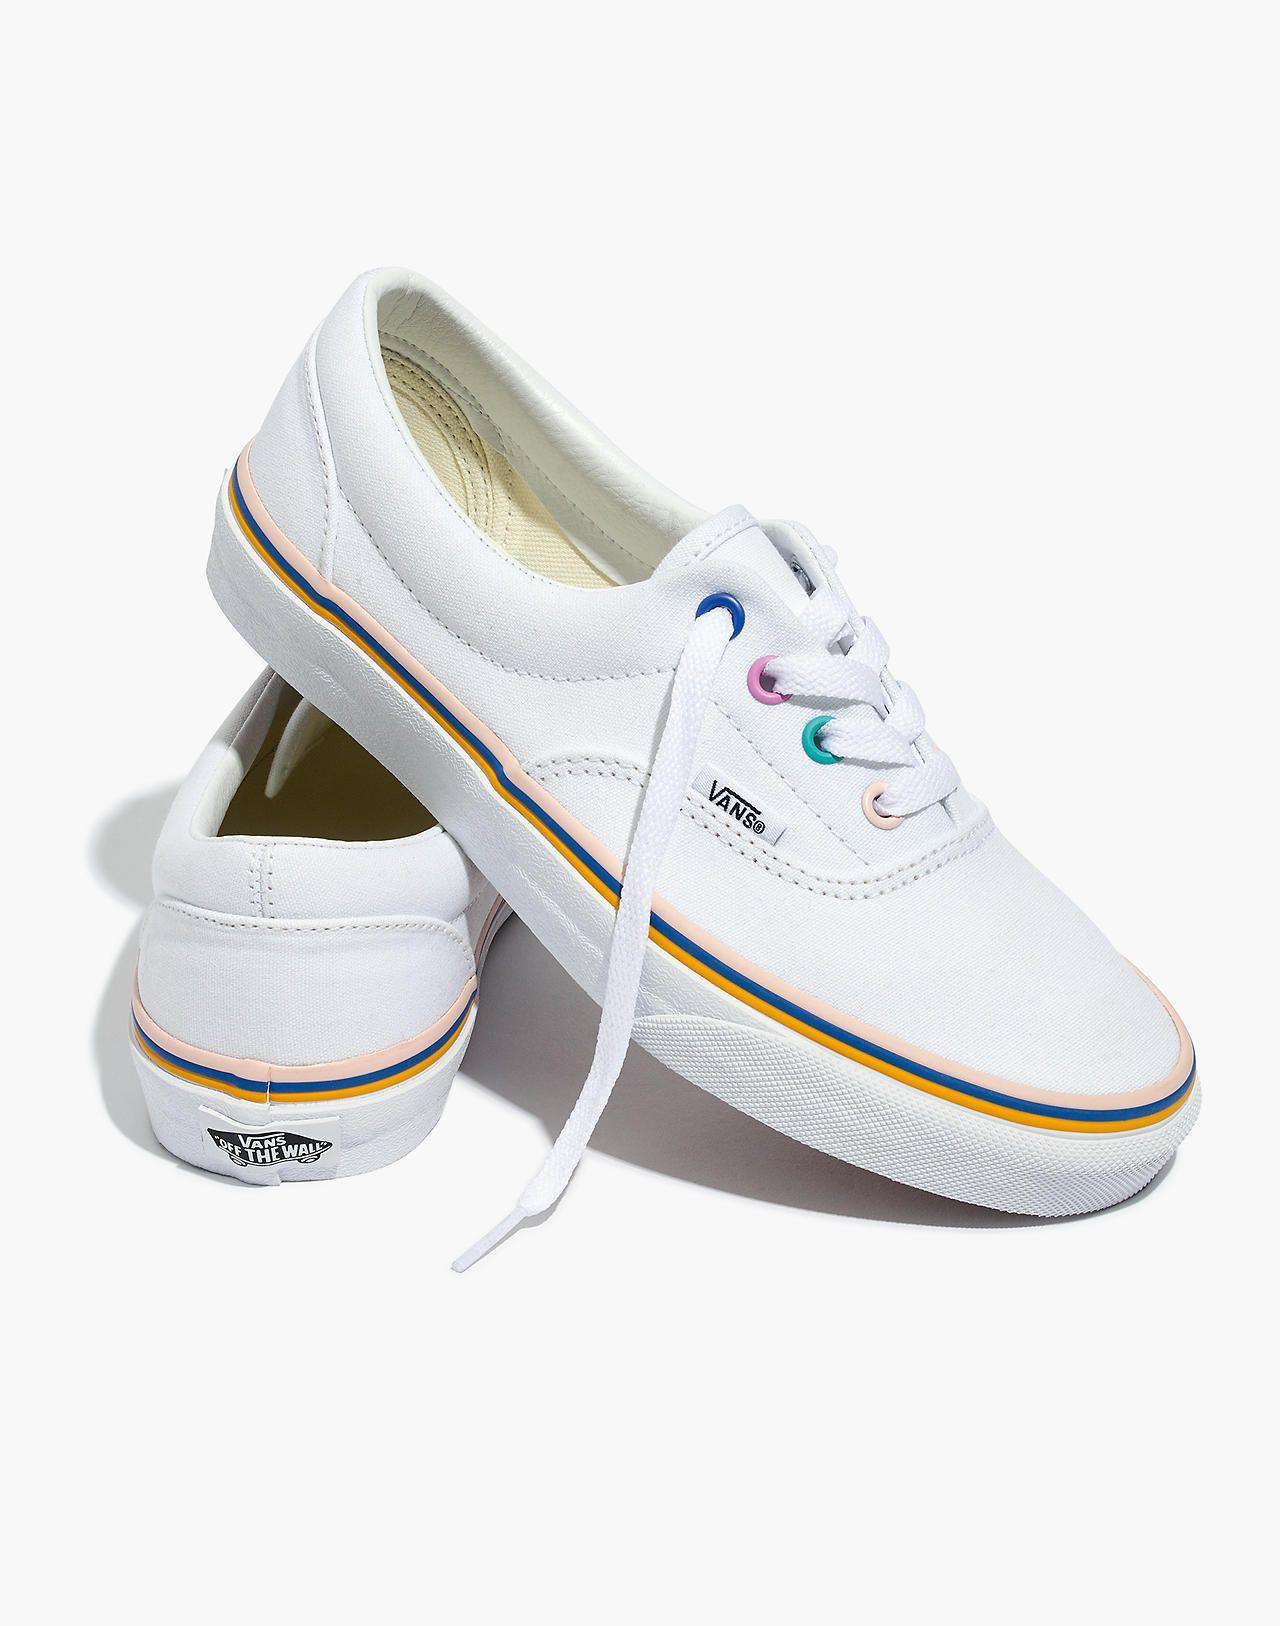 Pin on Ladies' Footwear